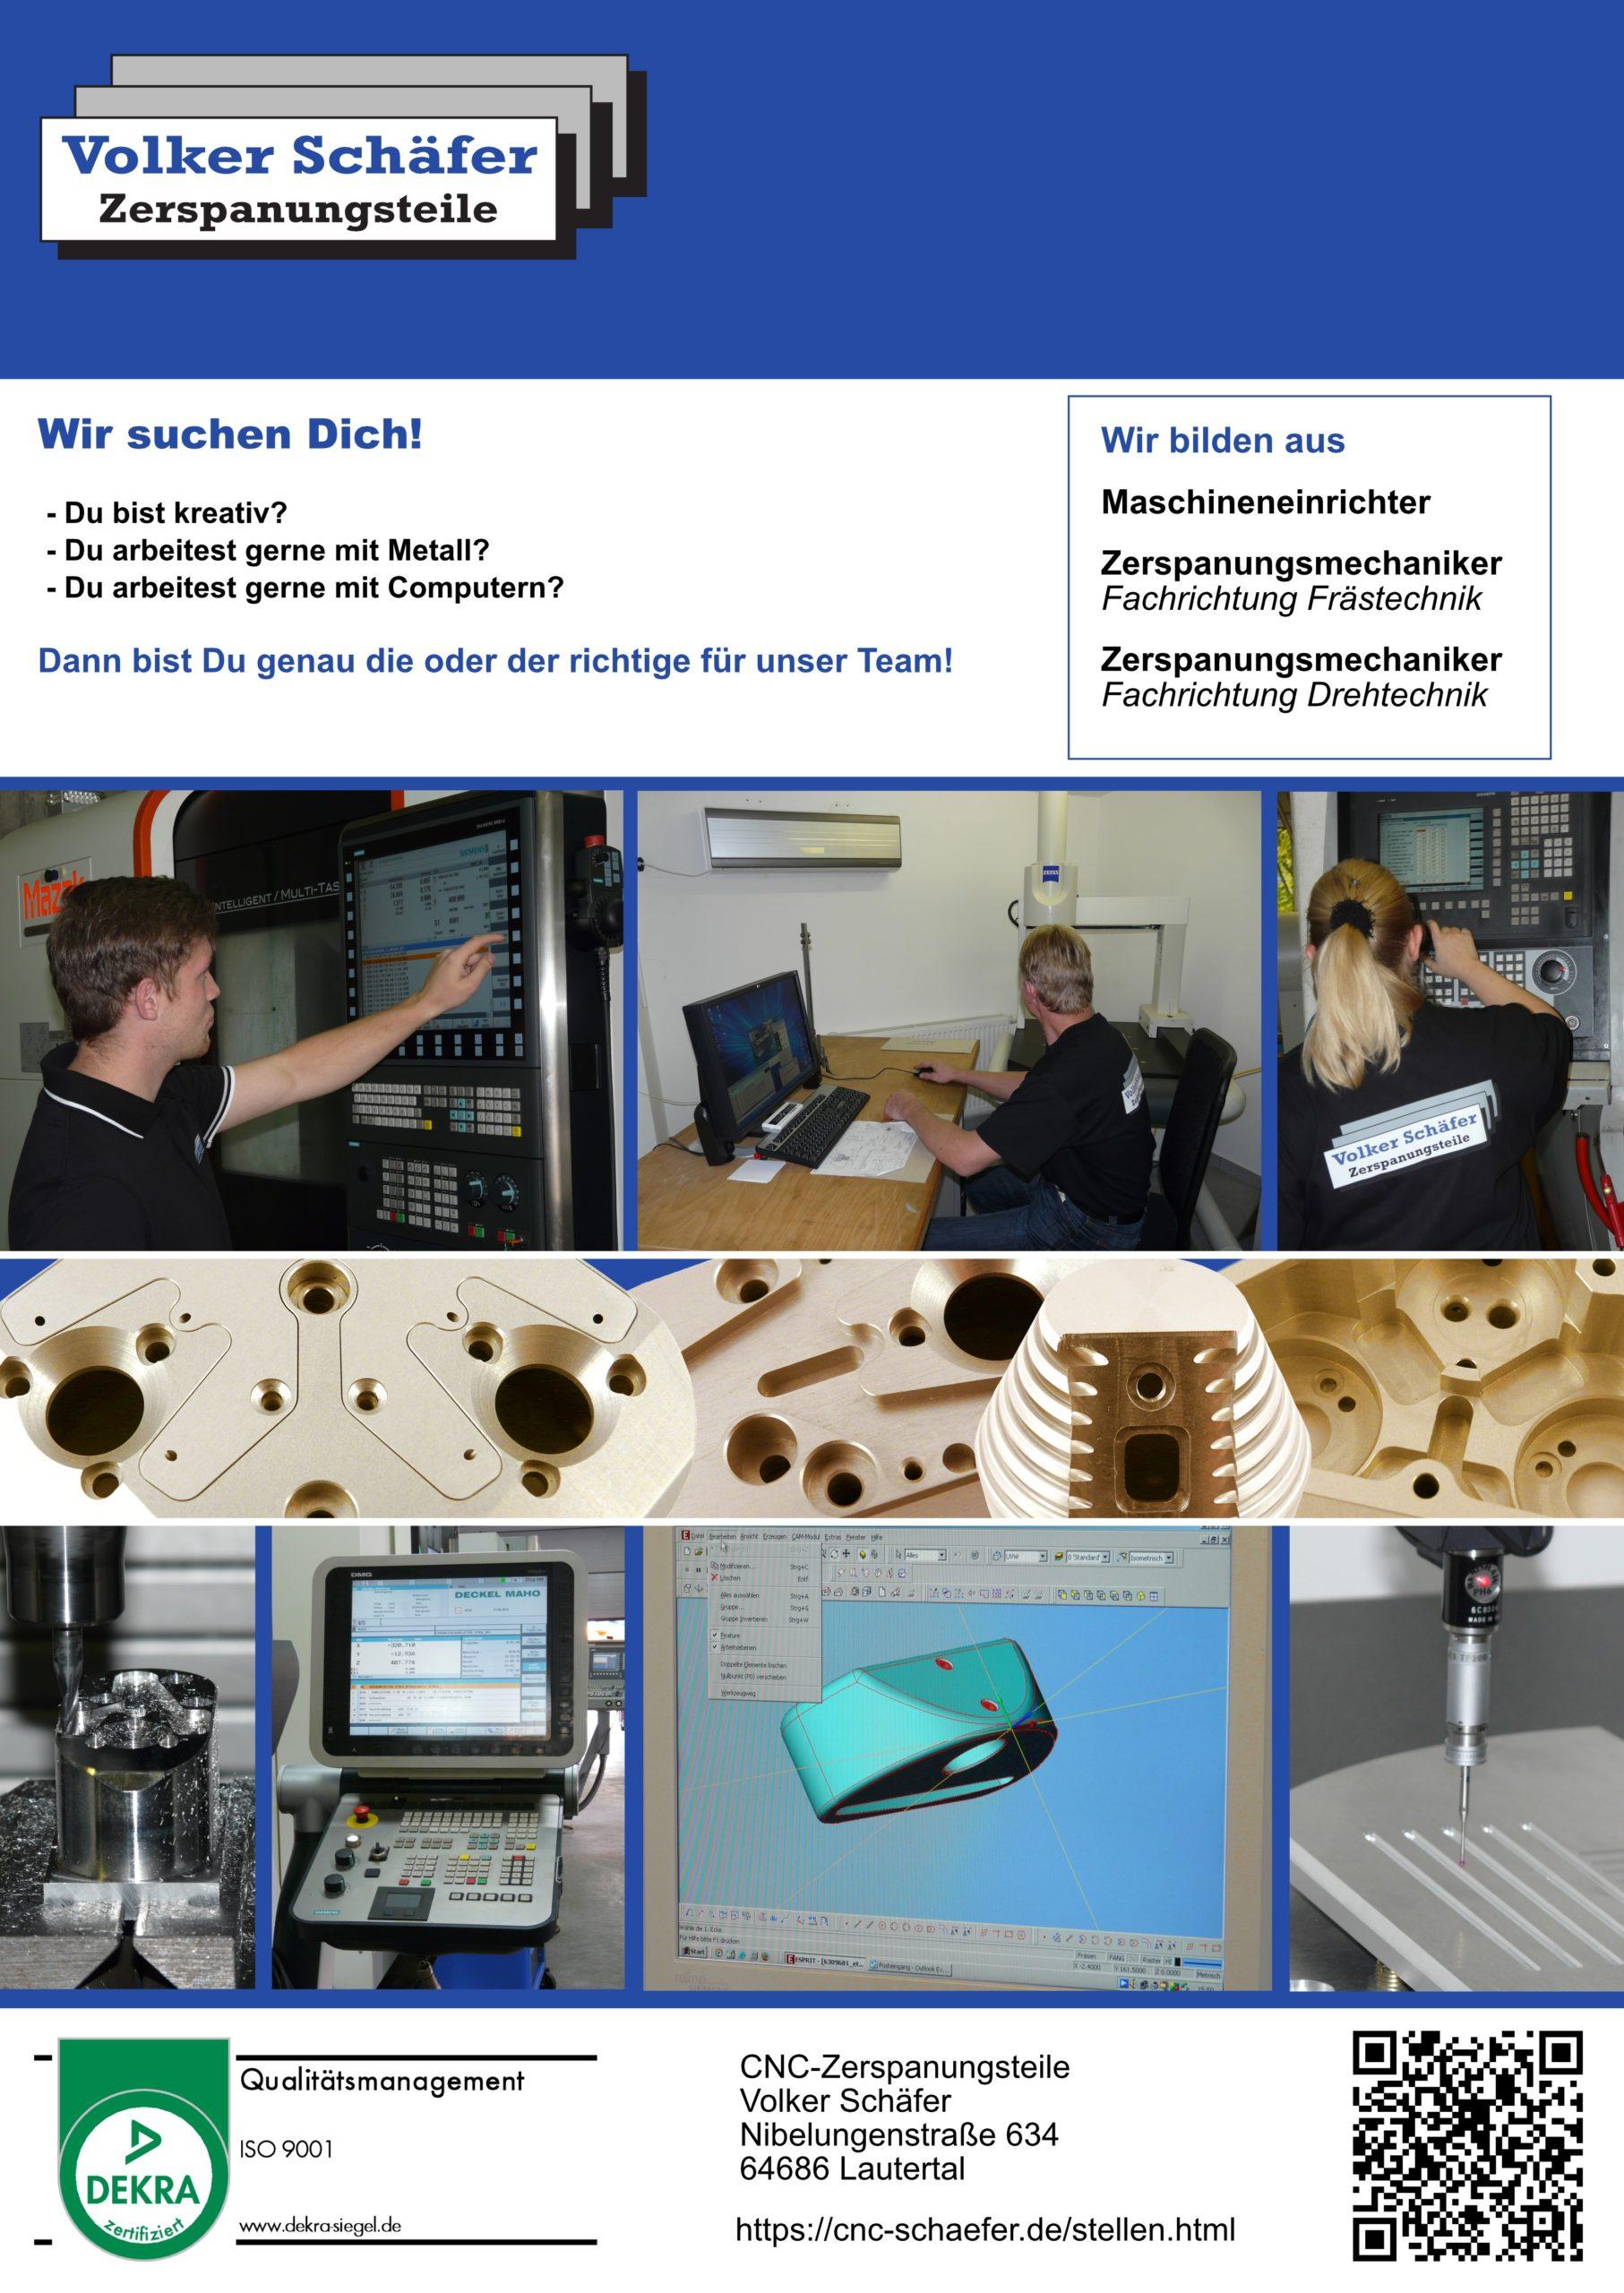 Ausbildungsplakat: CNC-Zerspanungsteile